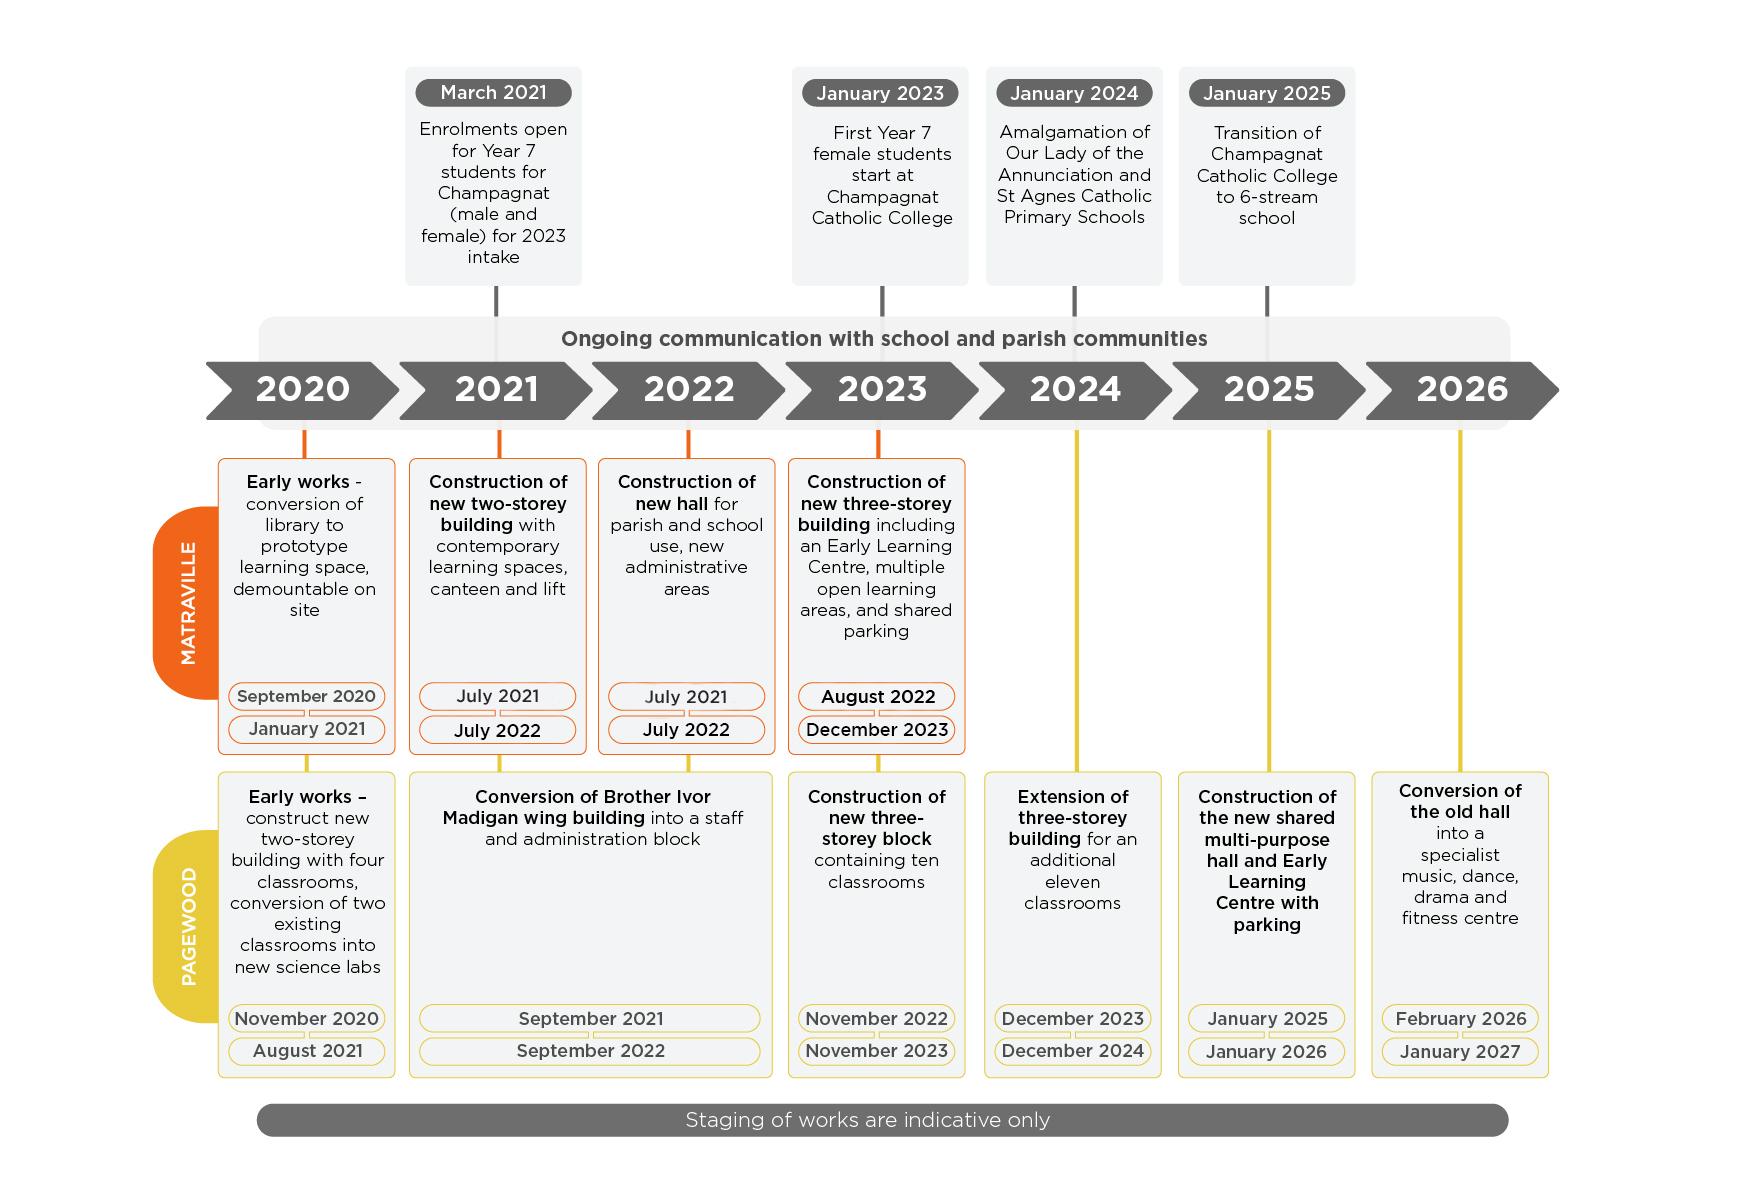 Pagewood Matraville Masterplan timeline